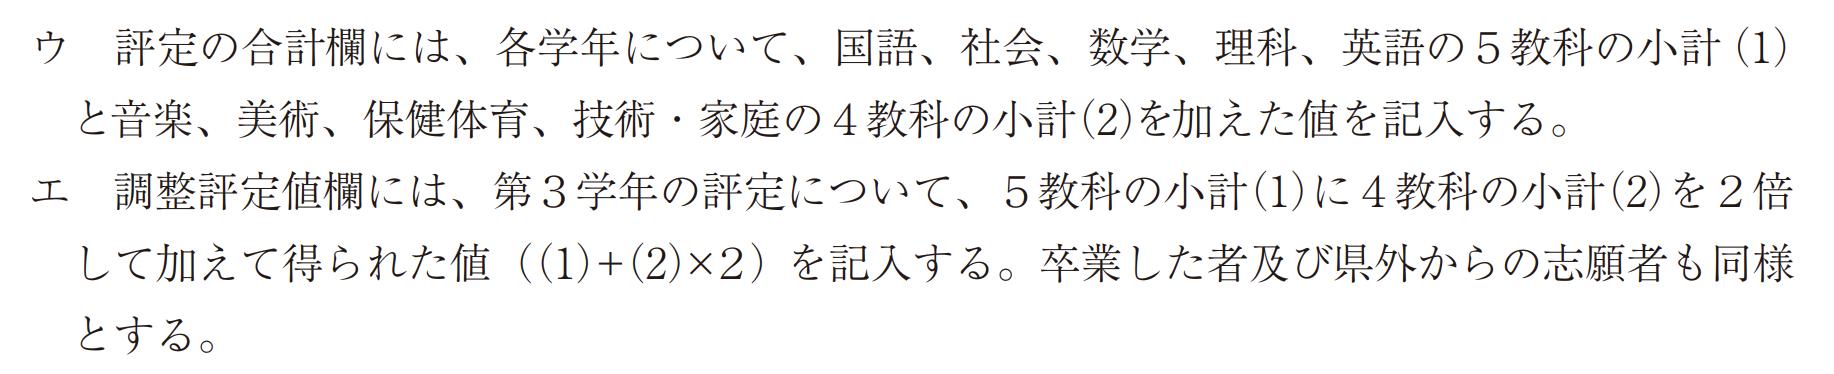 秋田県公立高校入試制度1